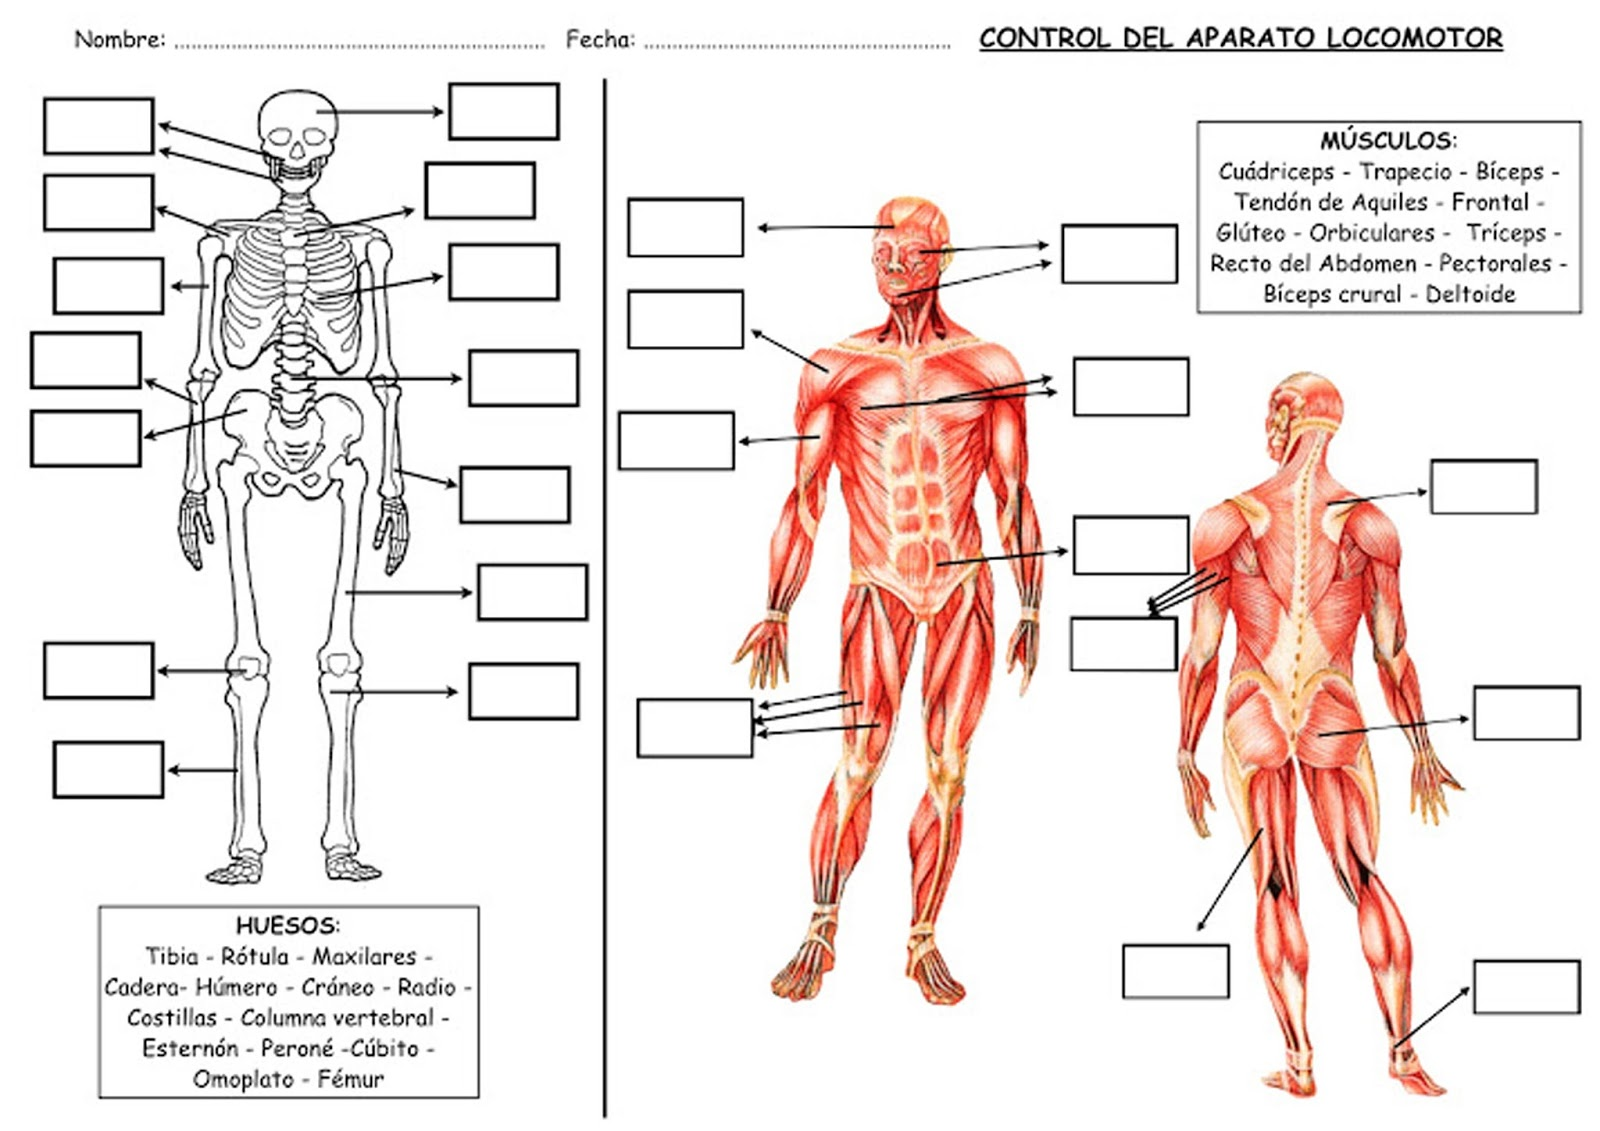 Contenidos educación física: FICHAS PARA ESTUDIAR EL APARATO LOCOMOTOR